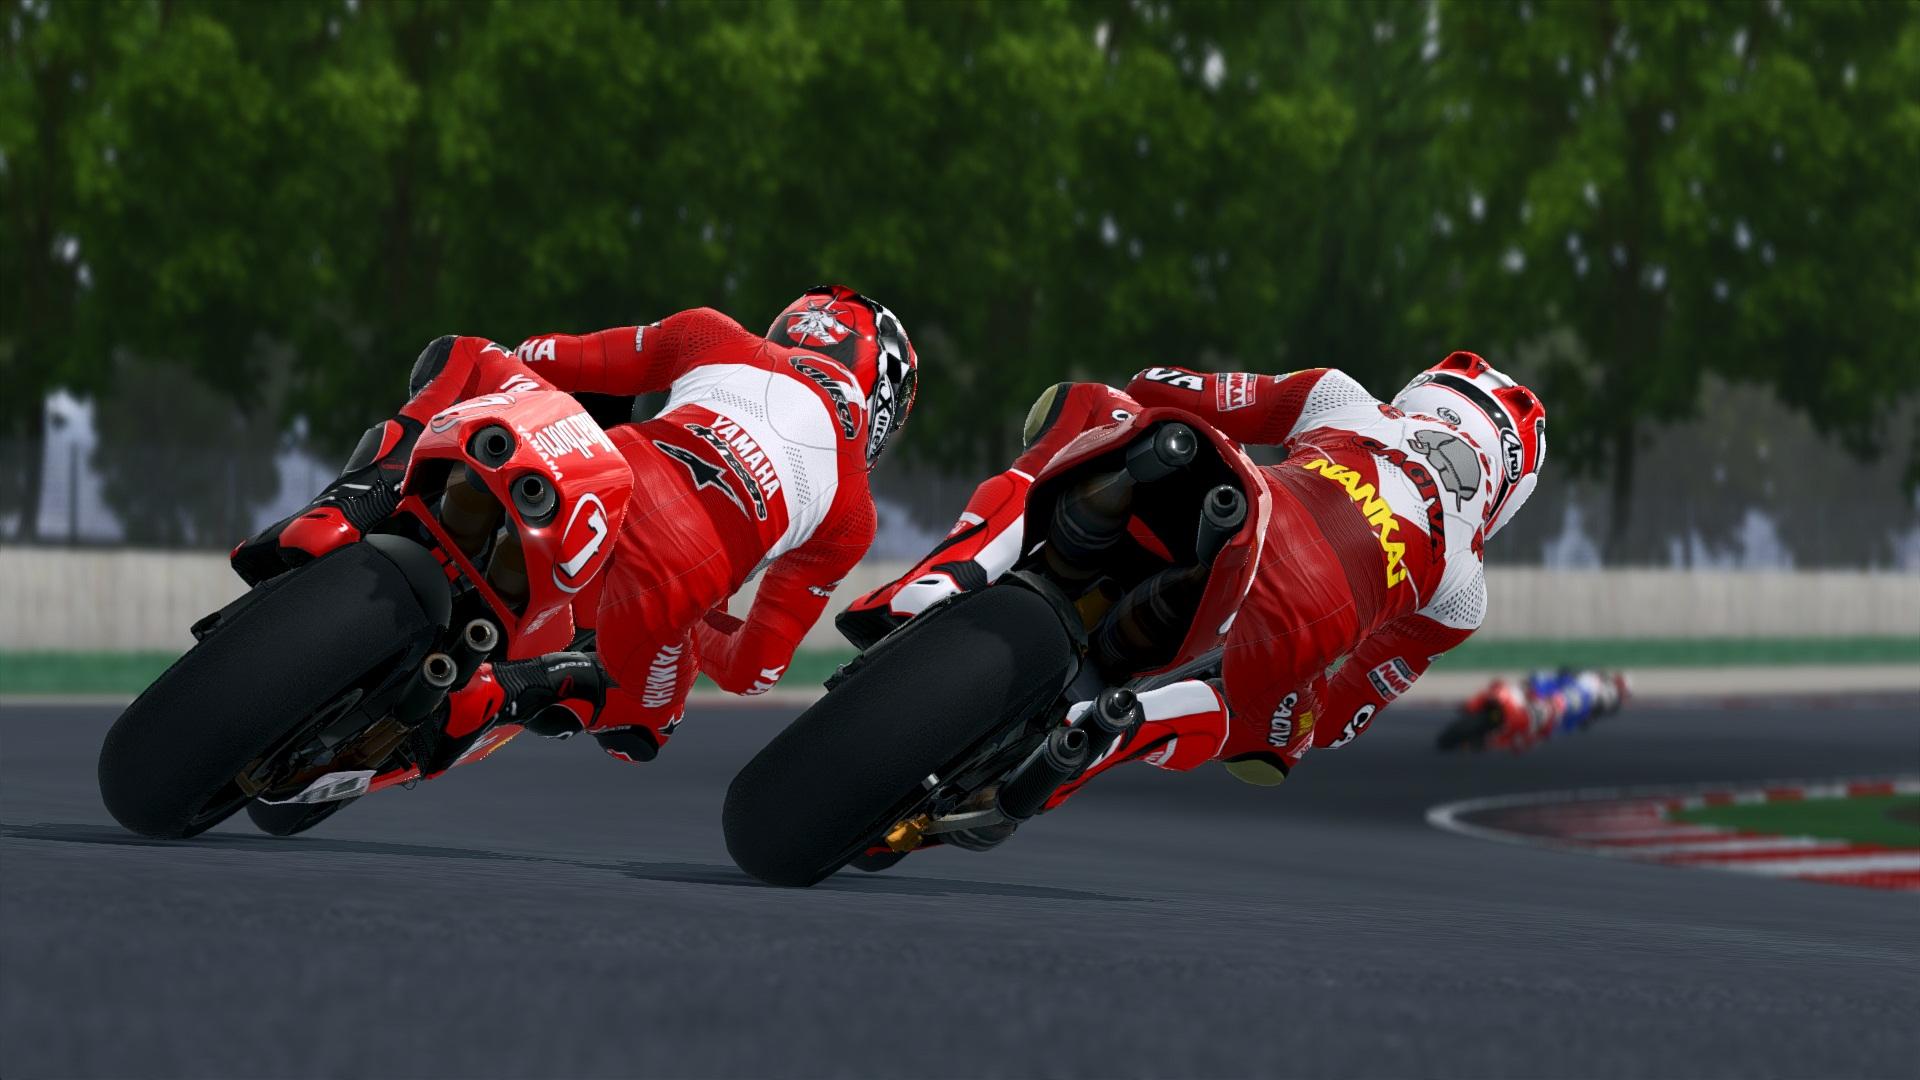 MotoGP14X64.exe_DX11_20140728_214426.jpg